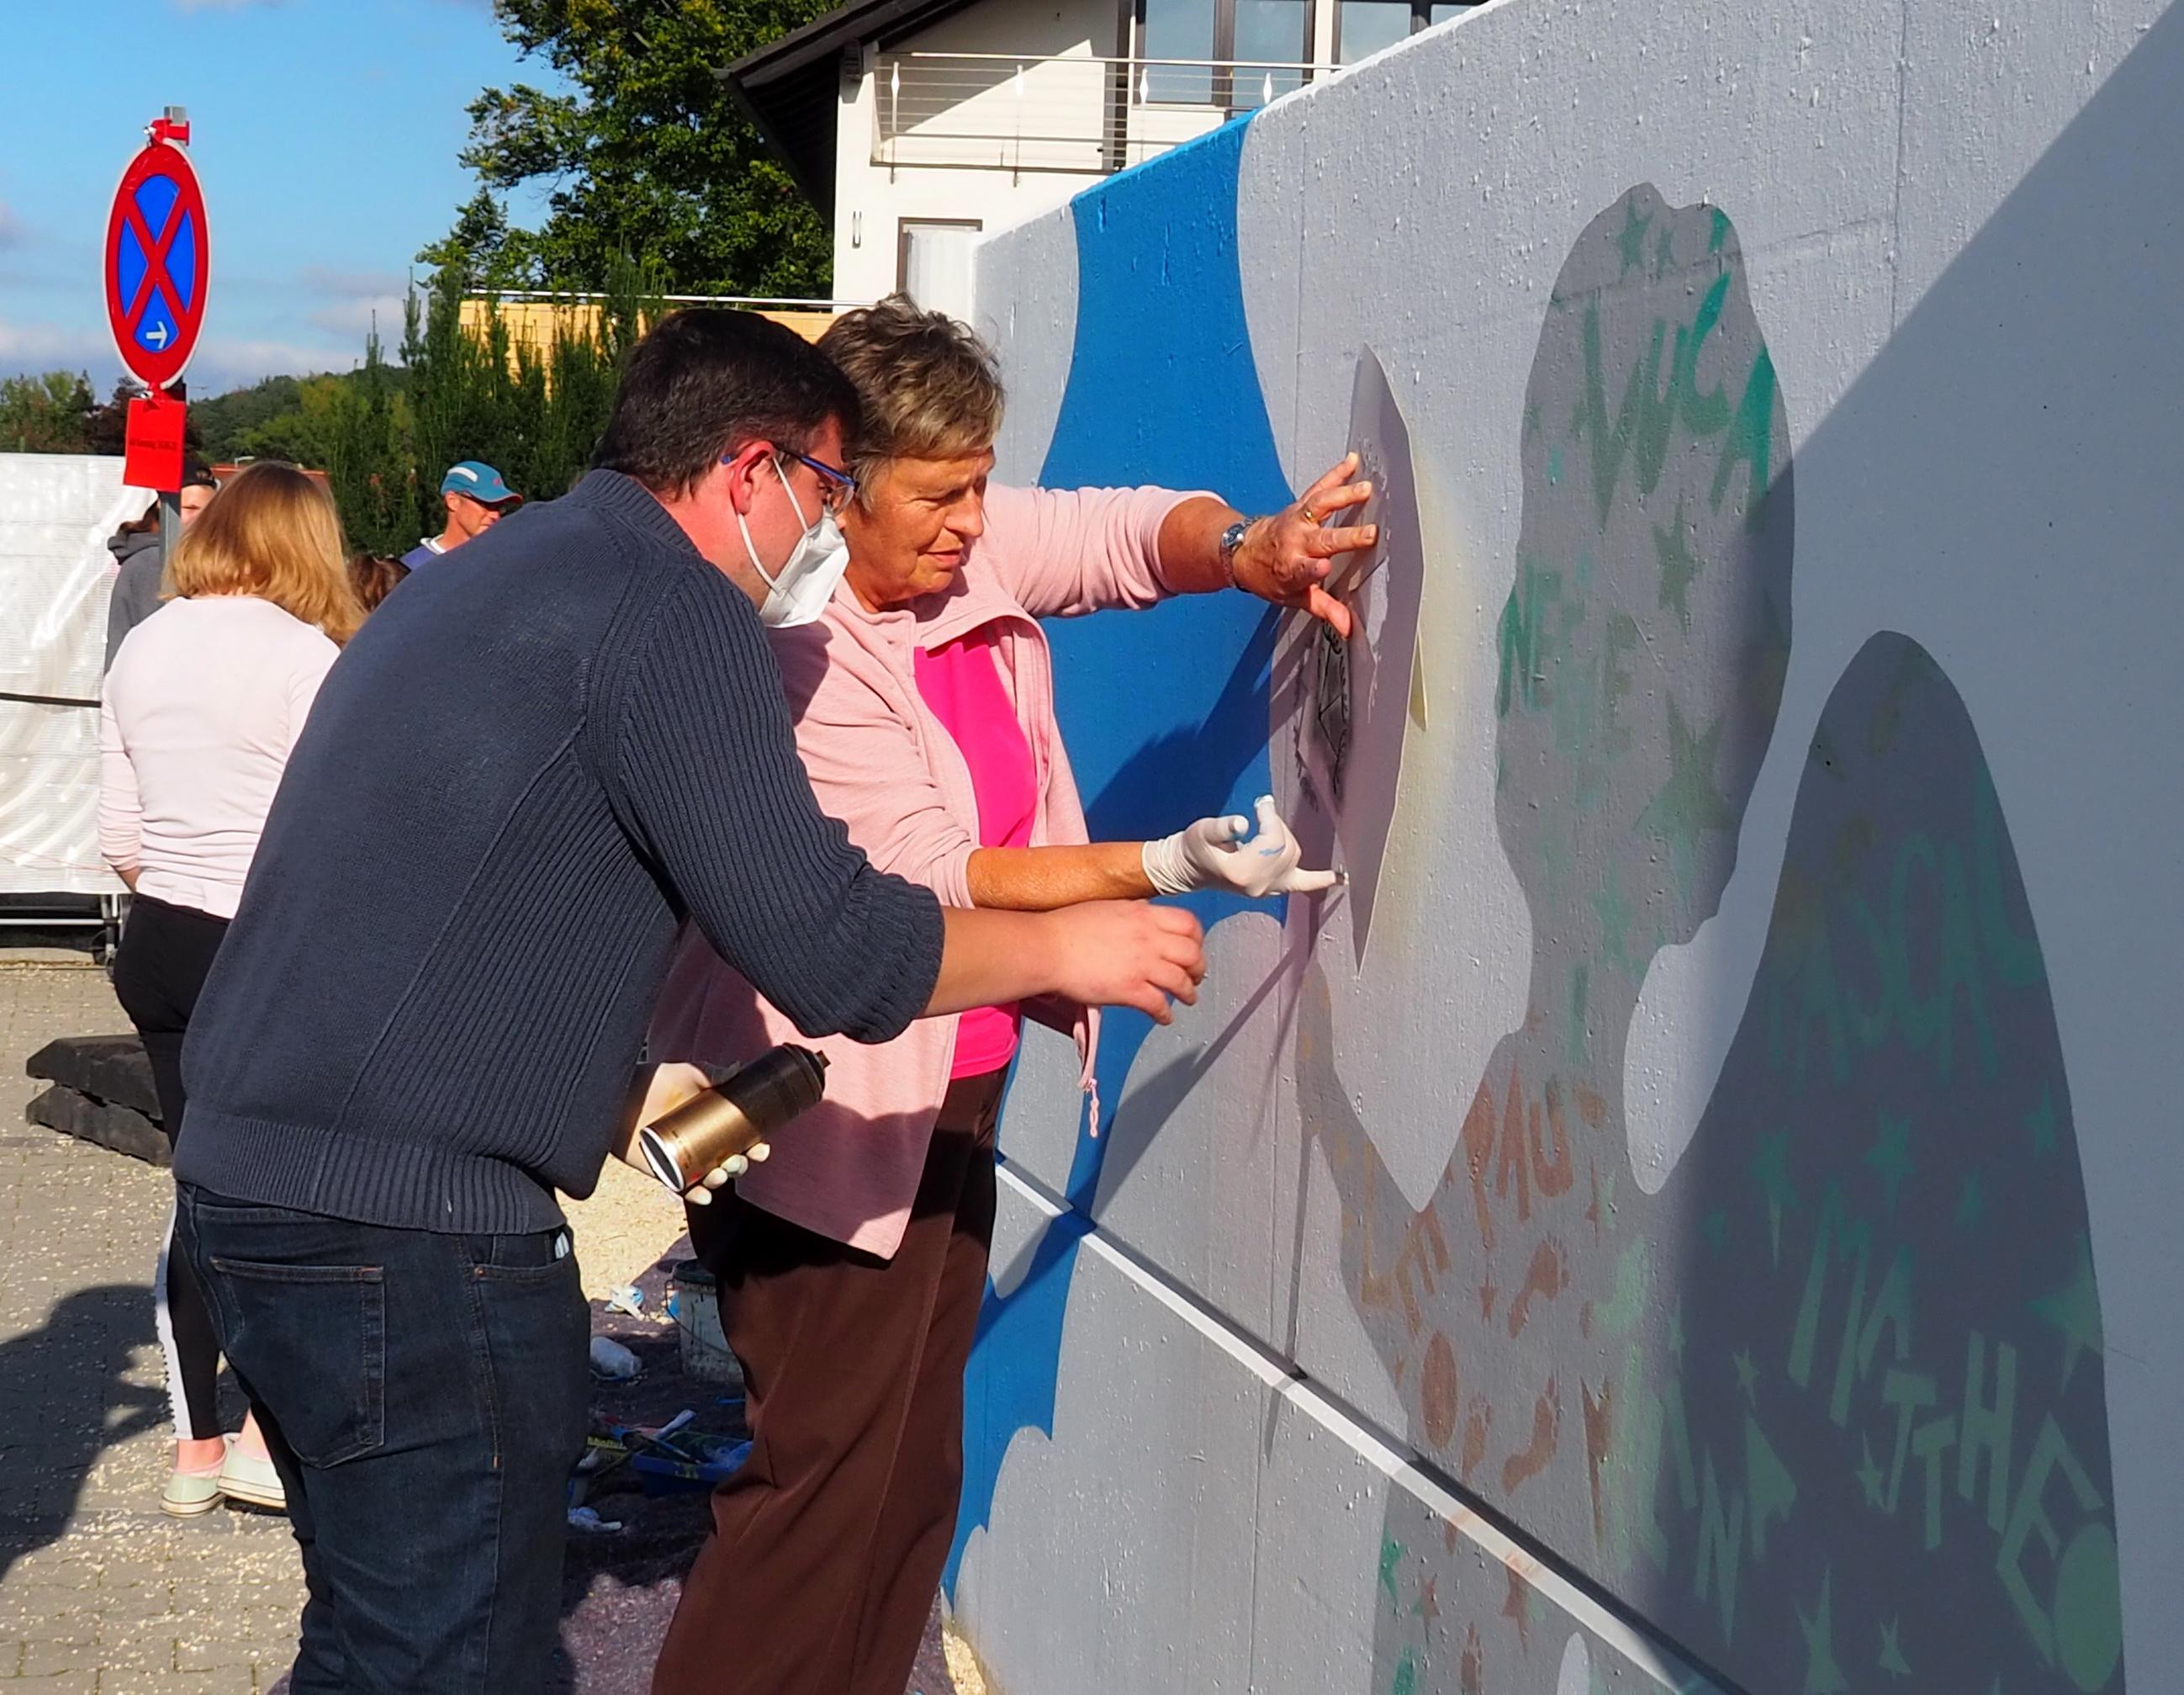 Kunst für alle - Streetart Strullendorf